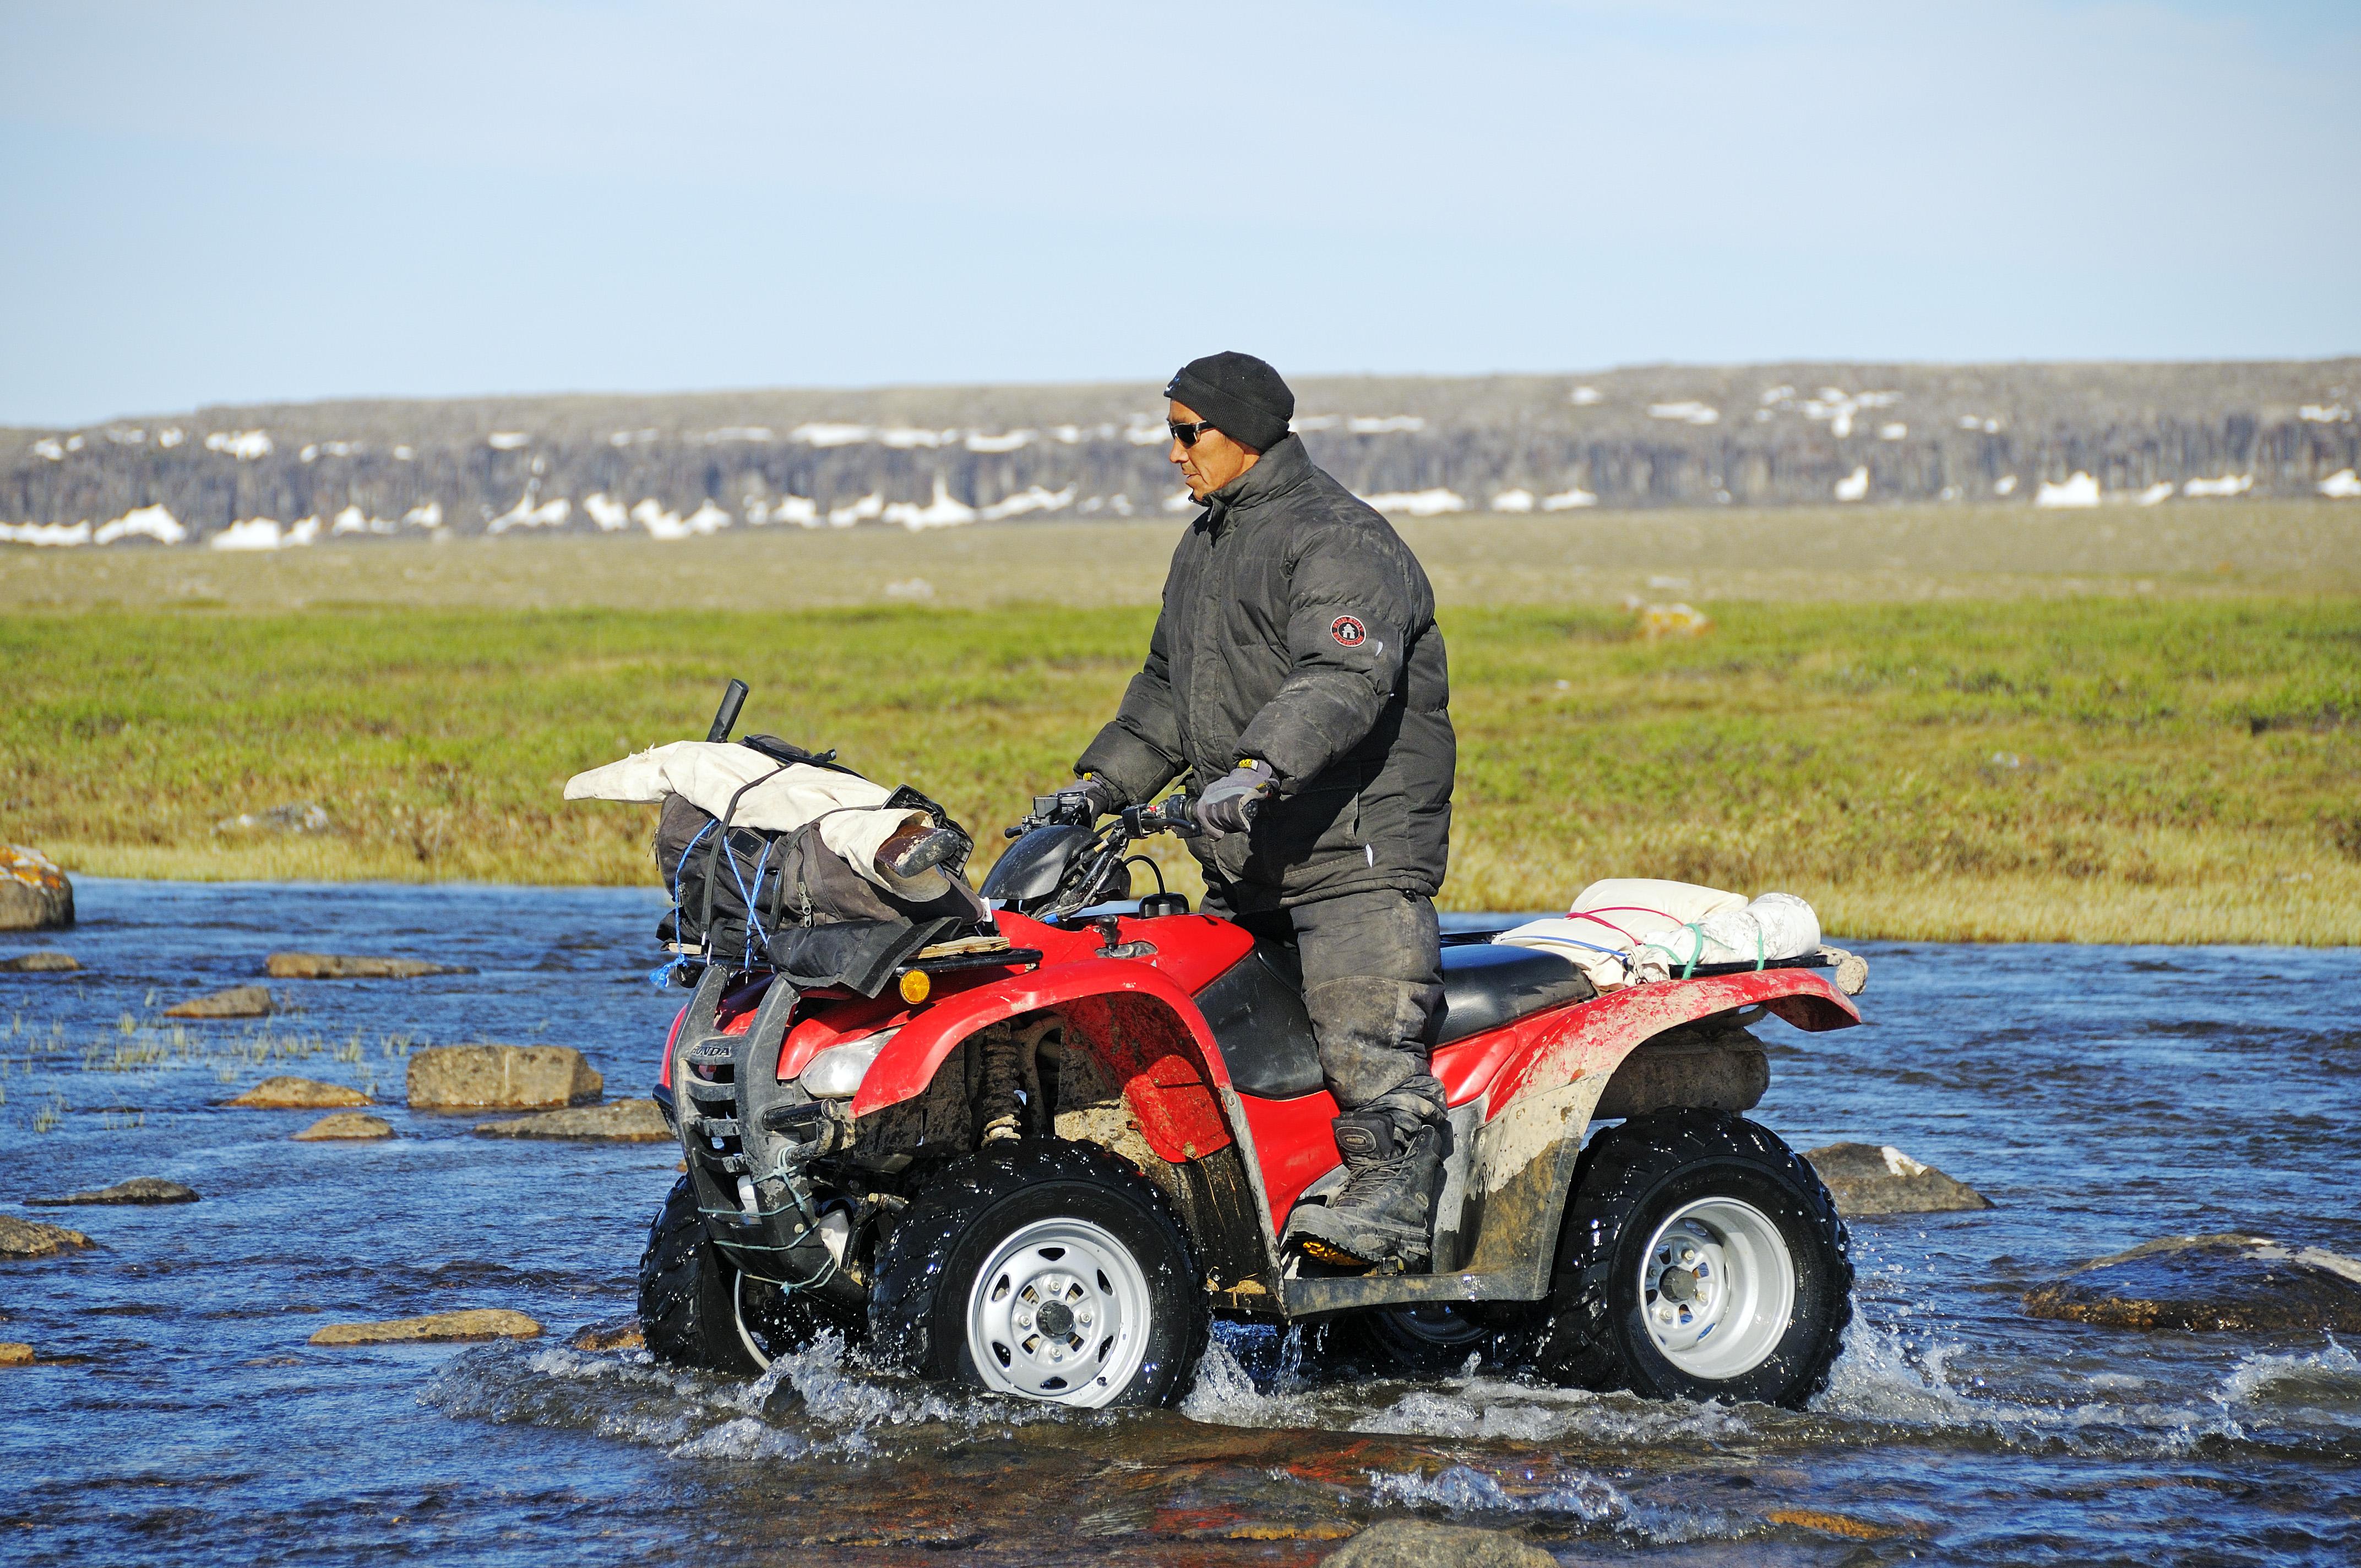 Mann vom Volk der Inuit fährt mit einem Quad (ATV) durch einen Fluss in der Tundra auf Victoria Island (vorher Holman Island), Dorf Ulukhaktok, Northwest Territories, Kanada, Amerika